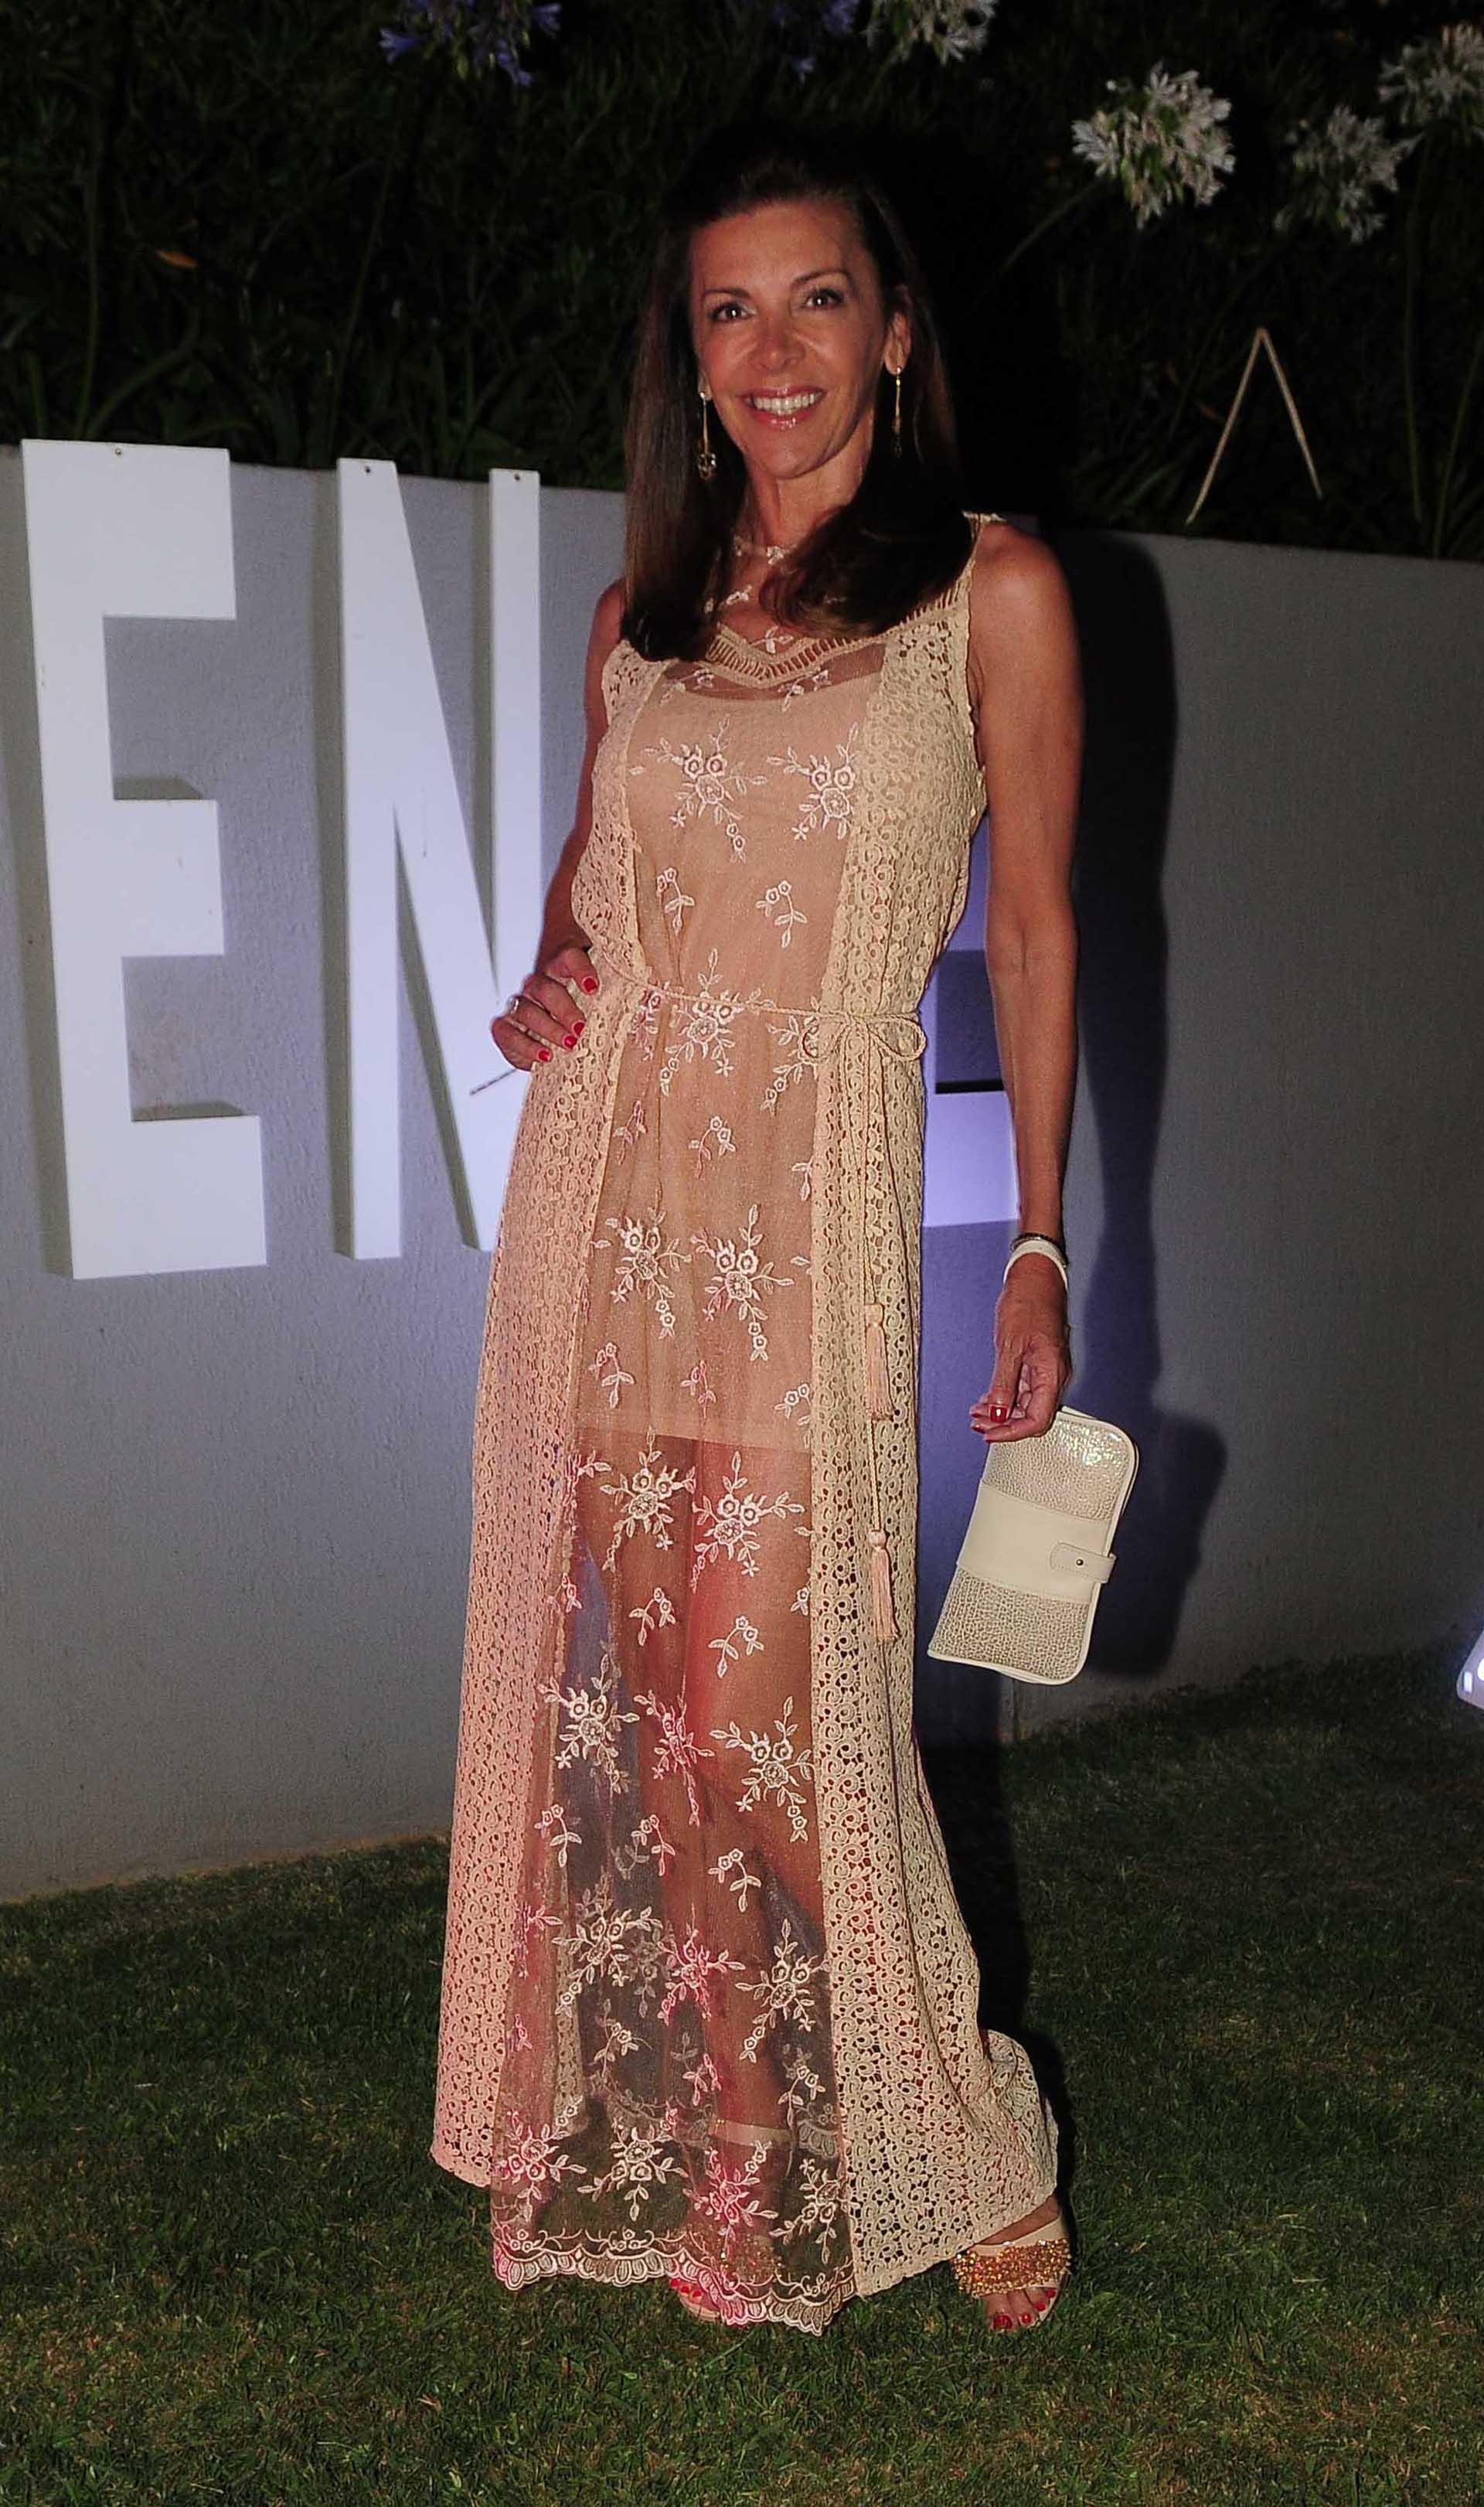 Fabiana Araujo con un outfit sofisticado acorde a las noches de verano de la diseñadora Natalia Antolin, zapatos Tosone y sobre de Lita Damiani